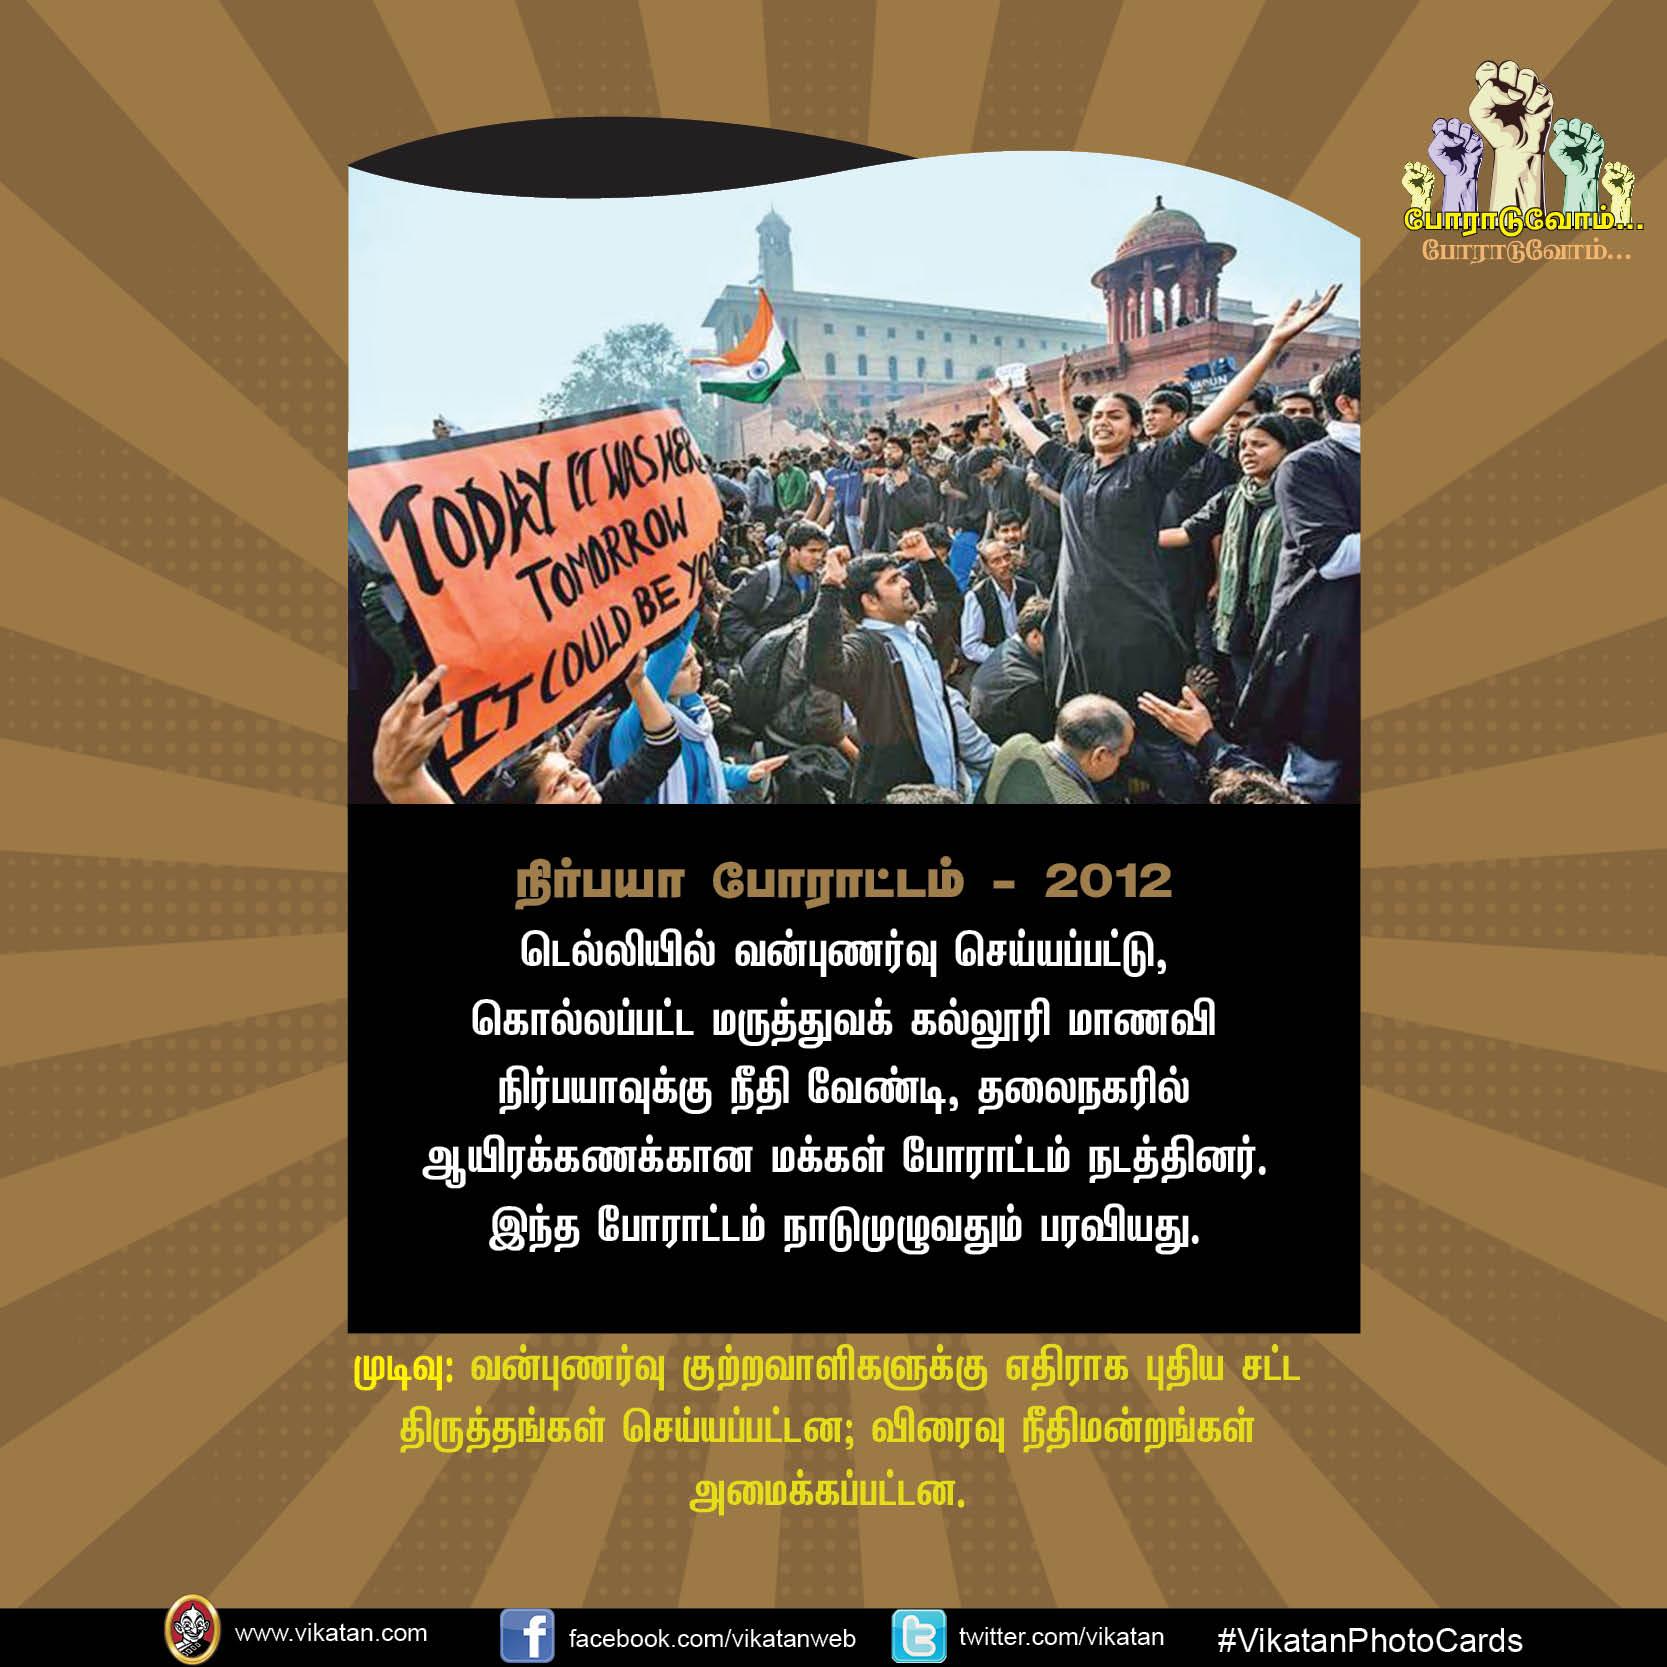 சத்யாகிரகம் முதல் ஜல்லிக்கட்டு வரை... இந்தியாவின் 10 பிரமாண்ட மக்கள் போராட்டங்கள்! #VikatanPhotoCards